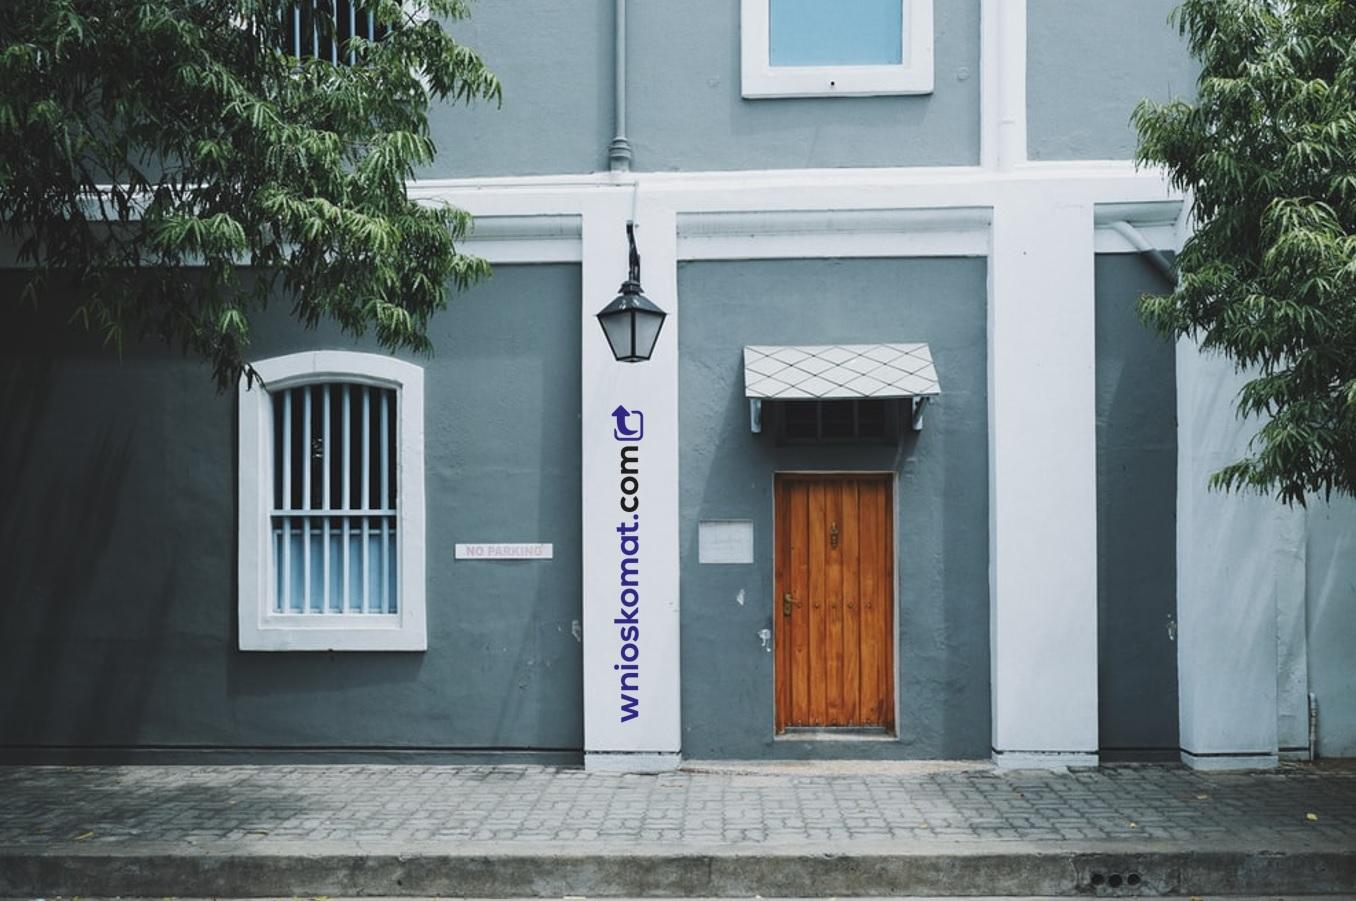 pożyczka zastaw nieruchomości